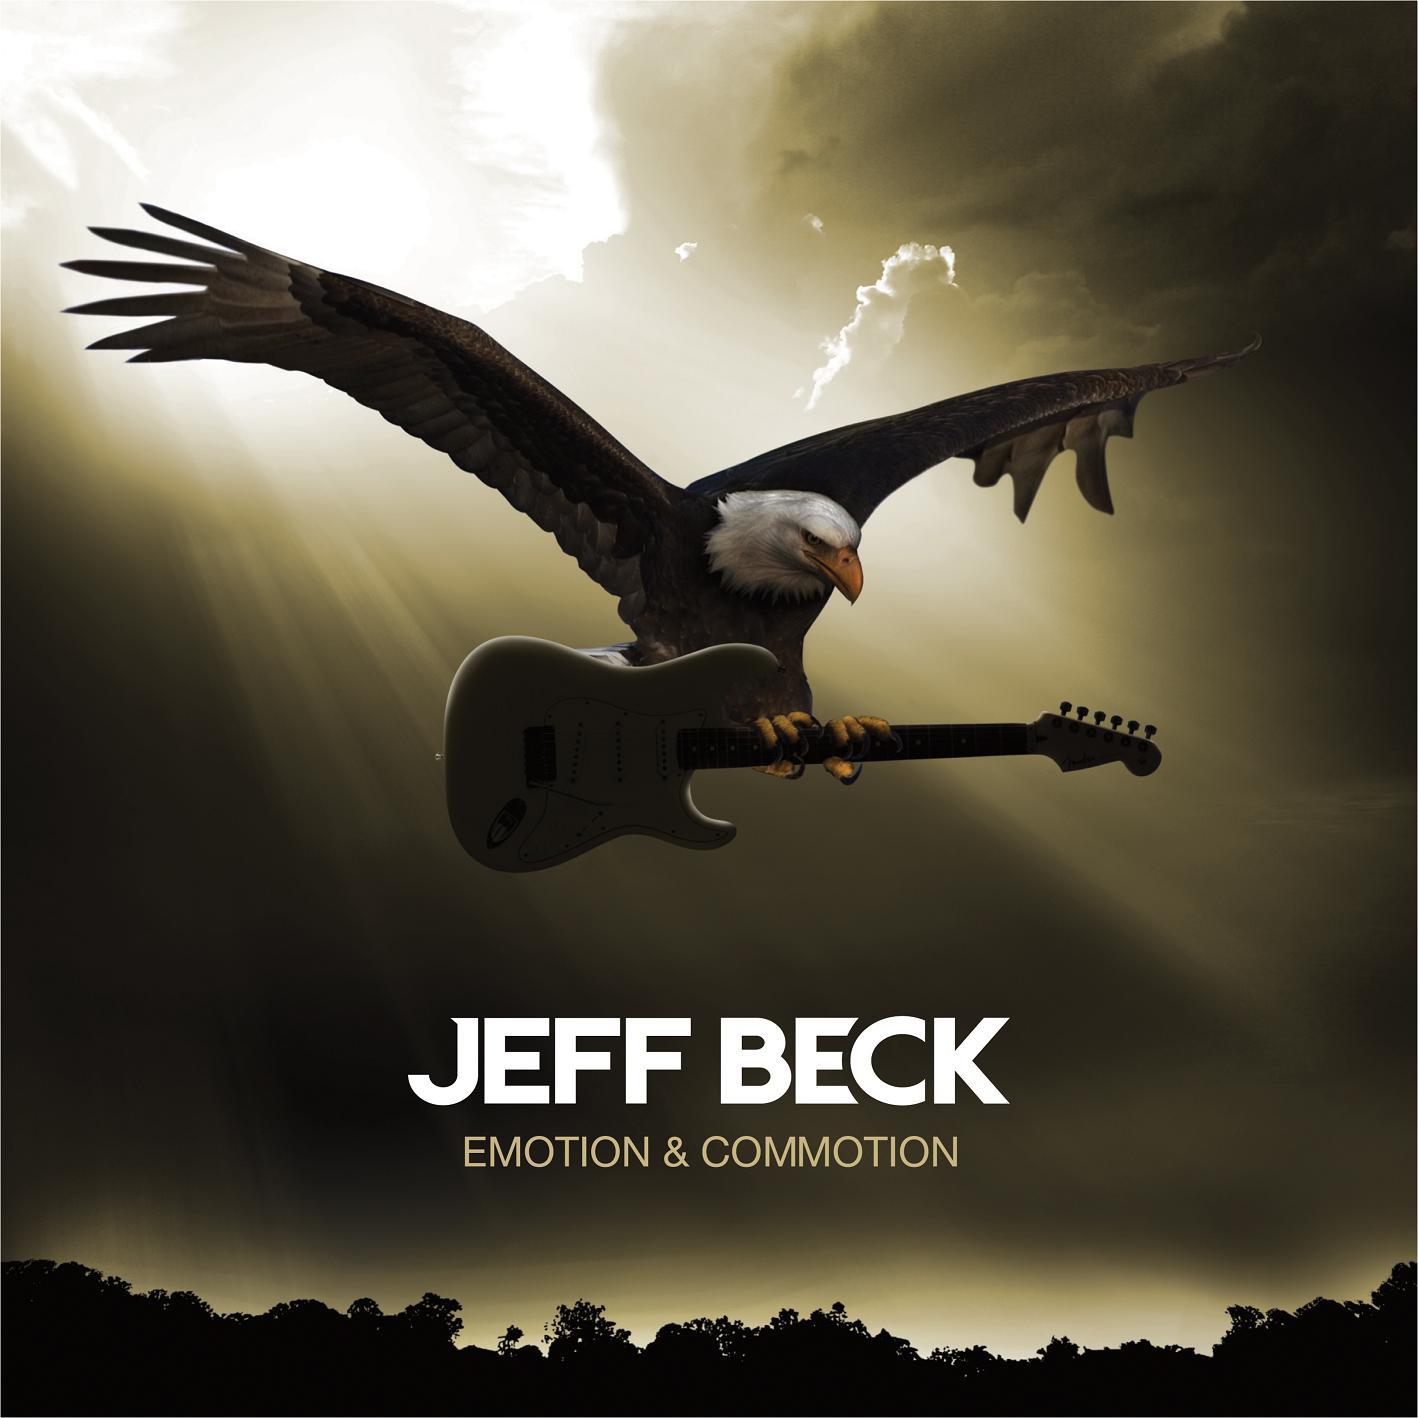 Repensando a Jeff Beck - Página 2 Jeff-Beck-Cover-Art-small